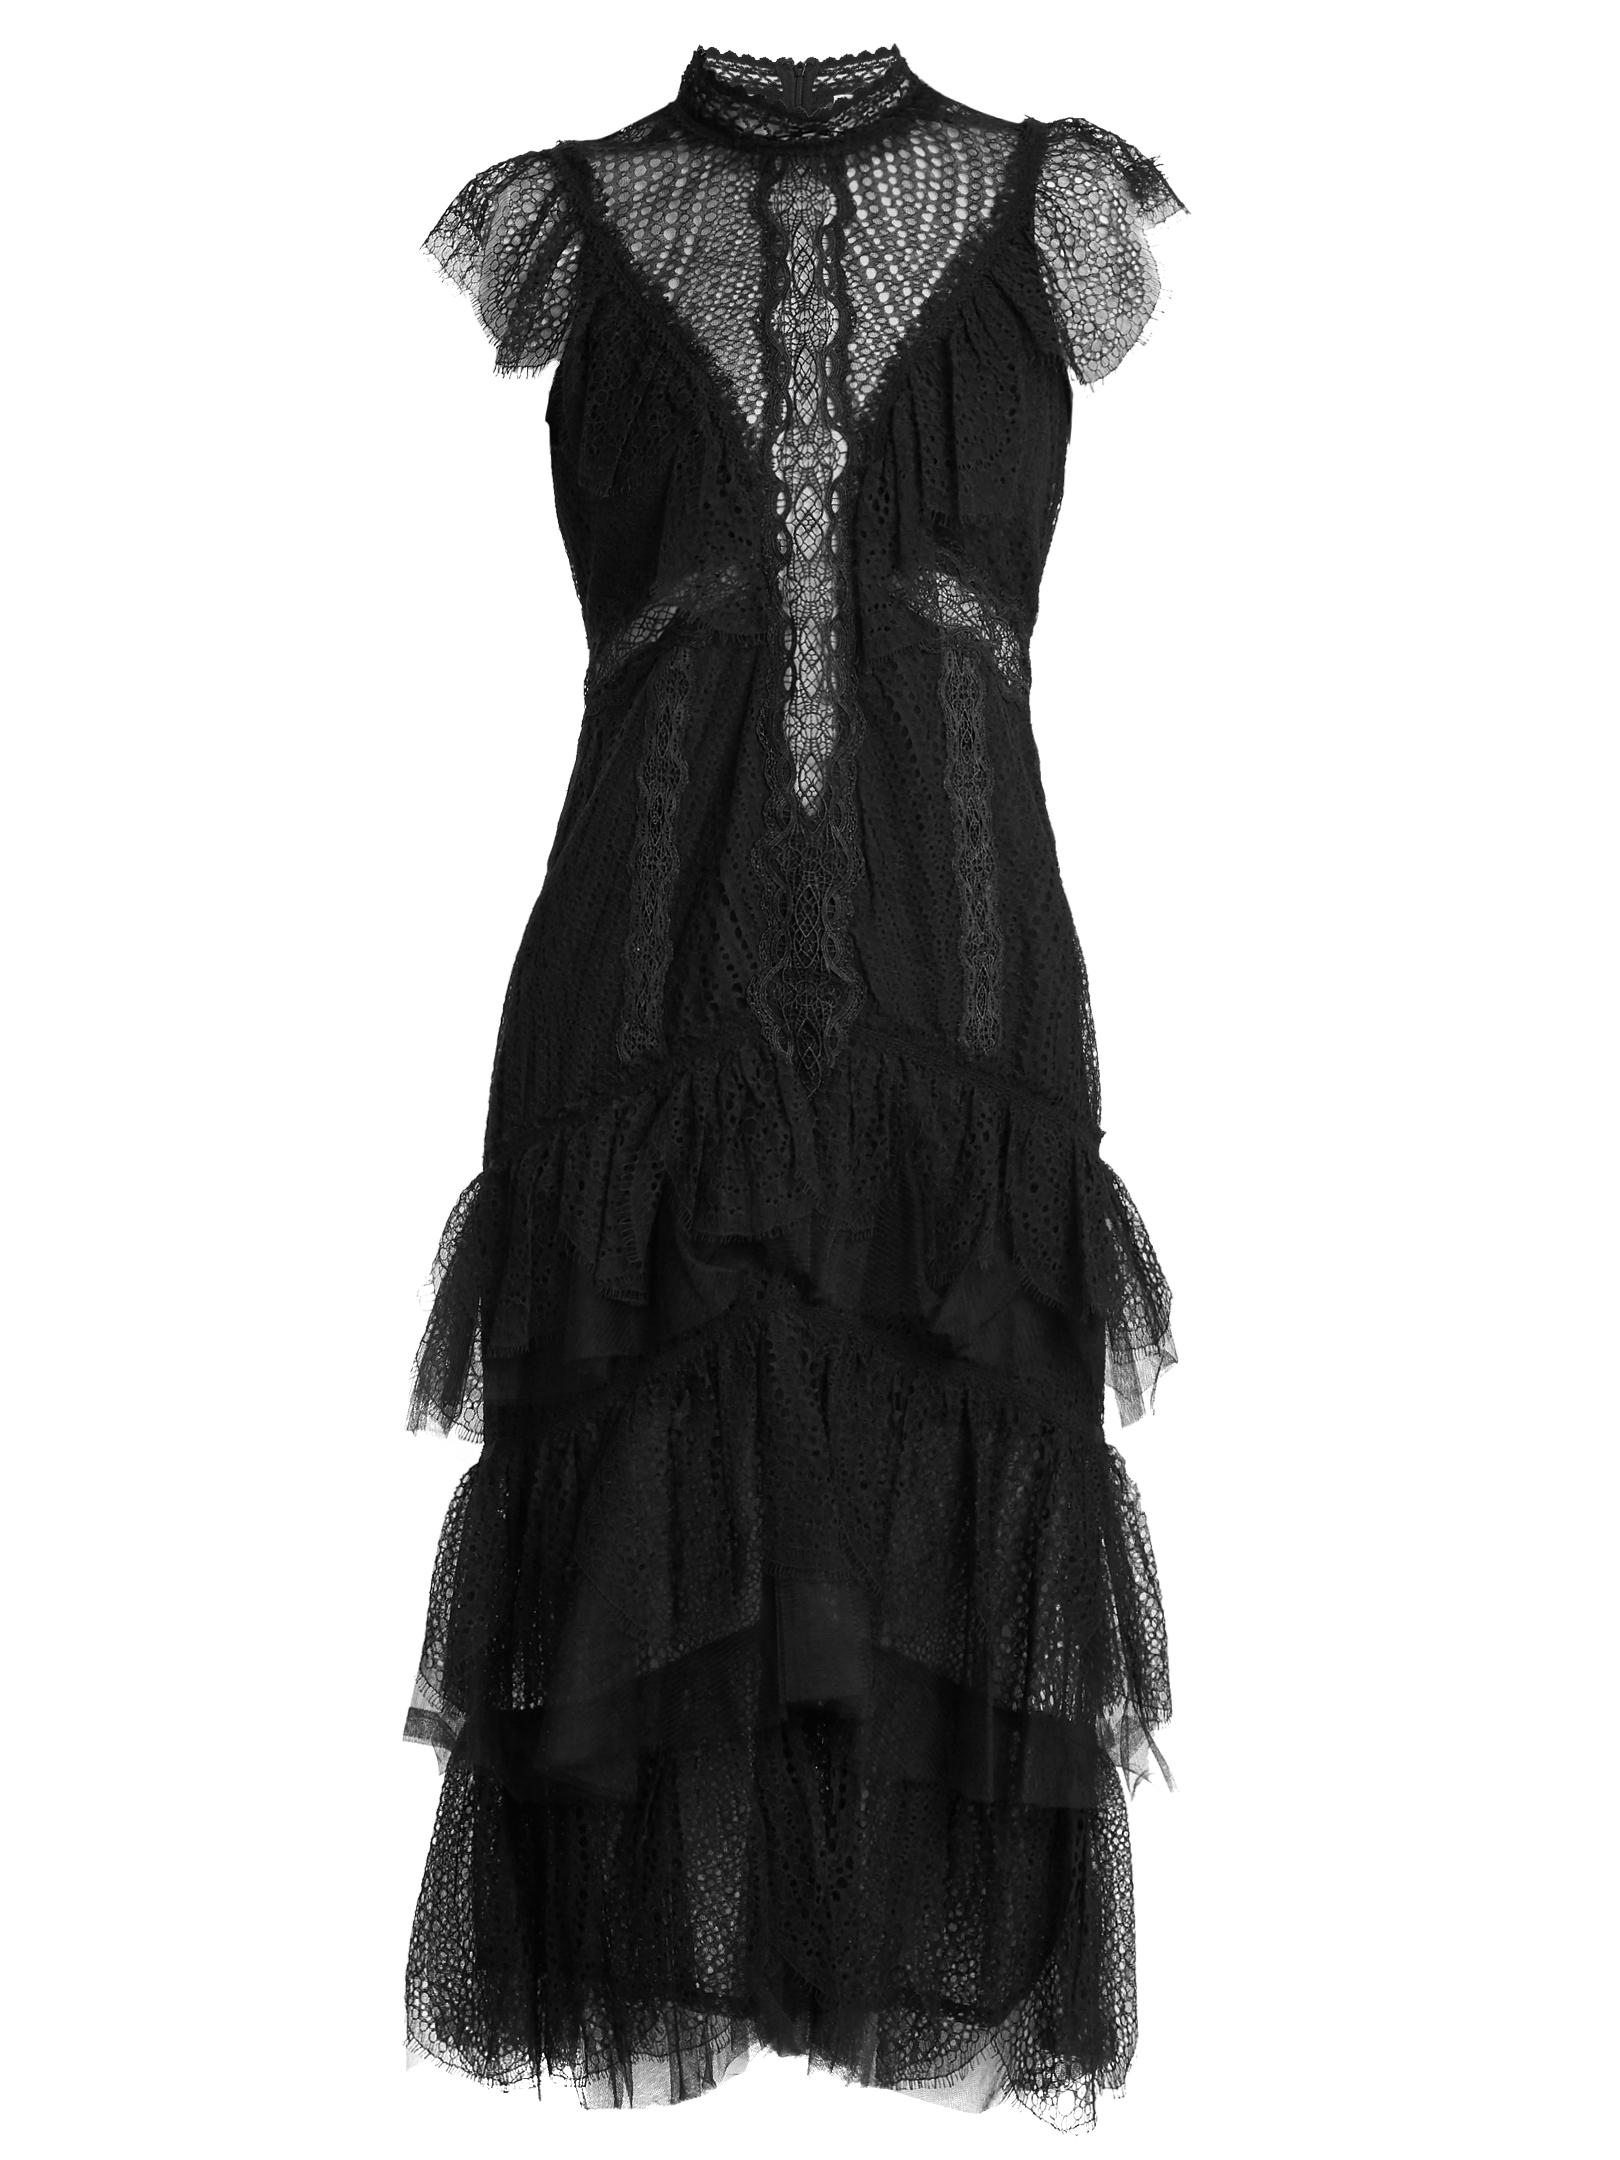 Jonathan Simkhai Tiered Ruffle Layered Lace Dress